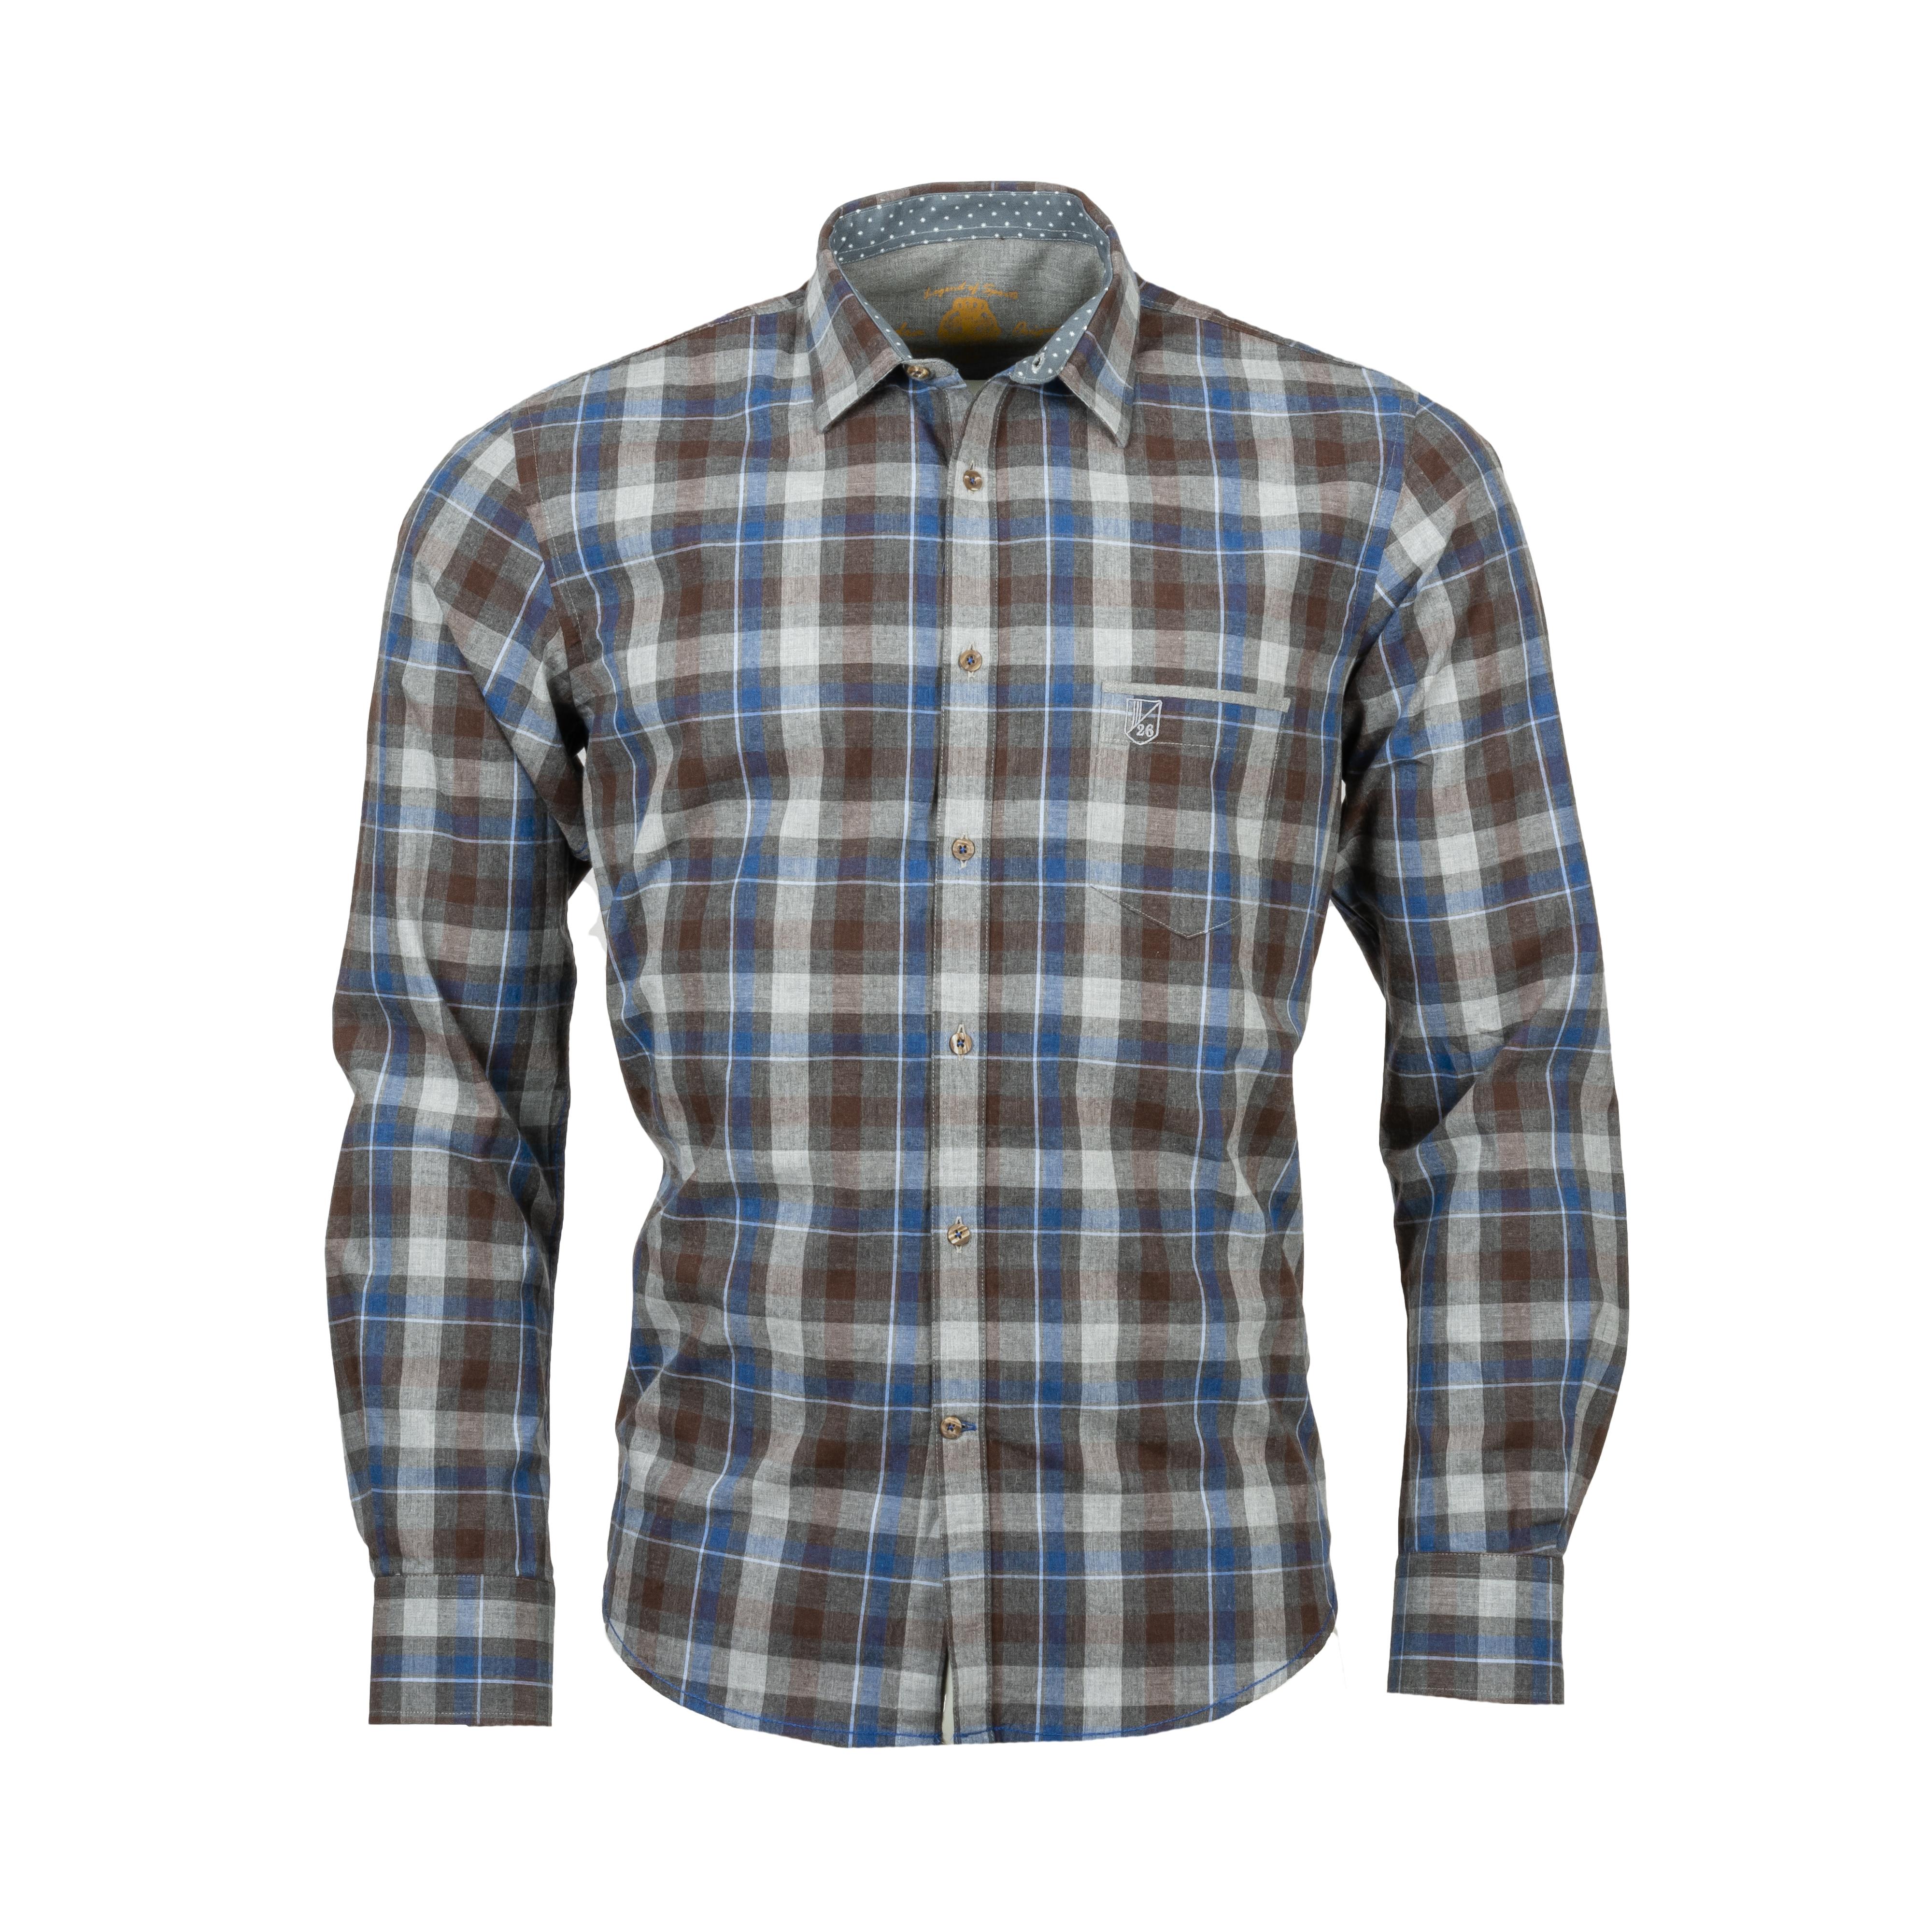 Chemise ajustée La Squadra Sirolo en coton gris à carreaux